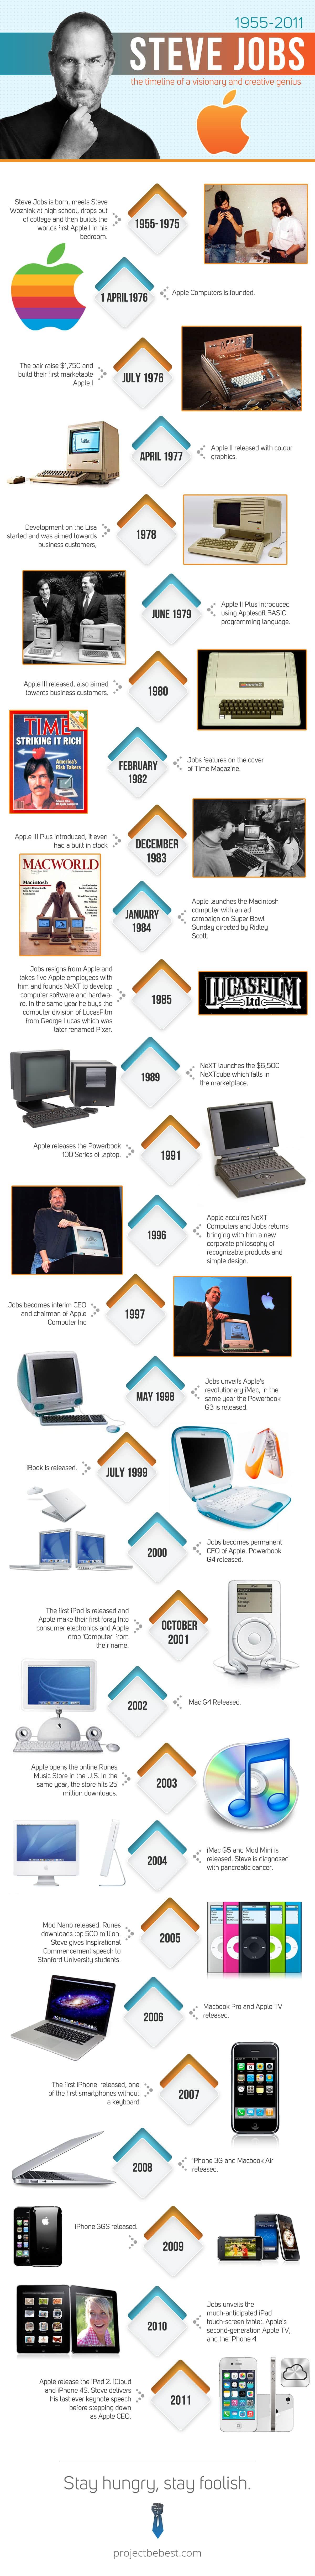 steve jobs milestones infographic